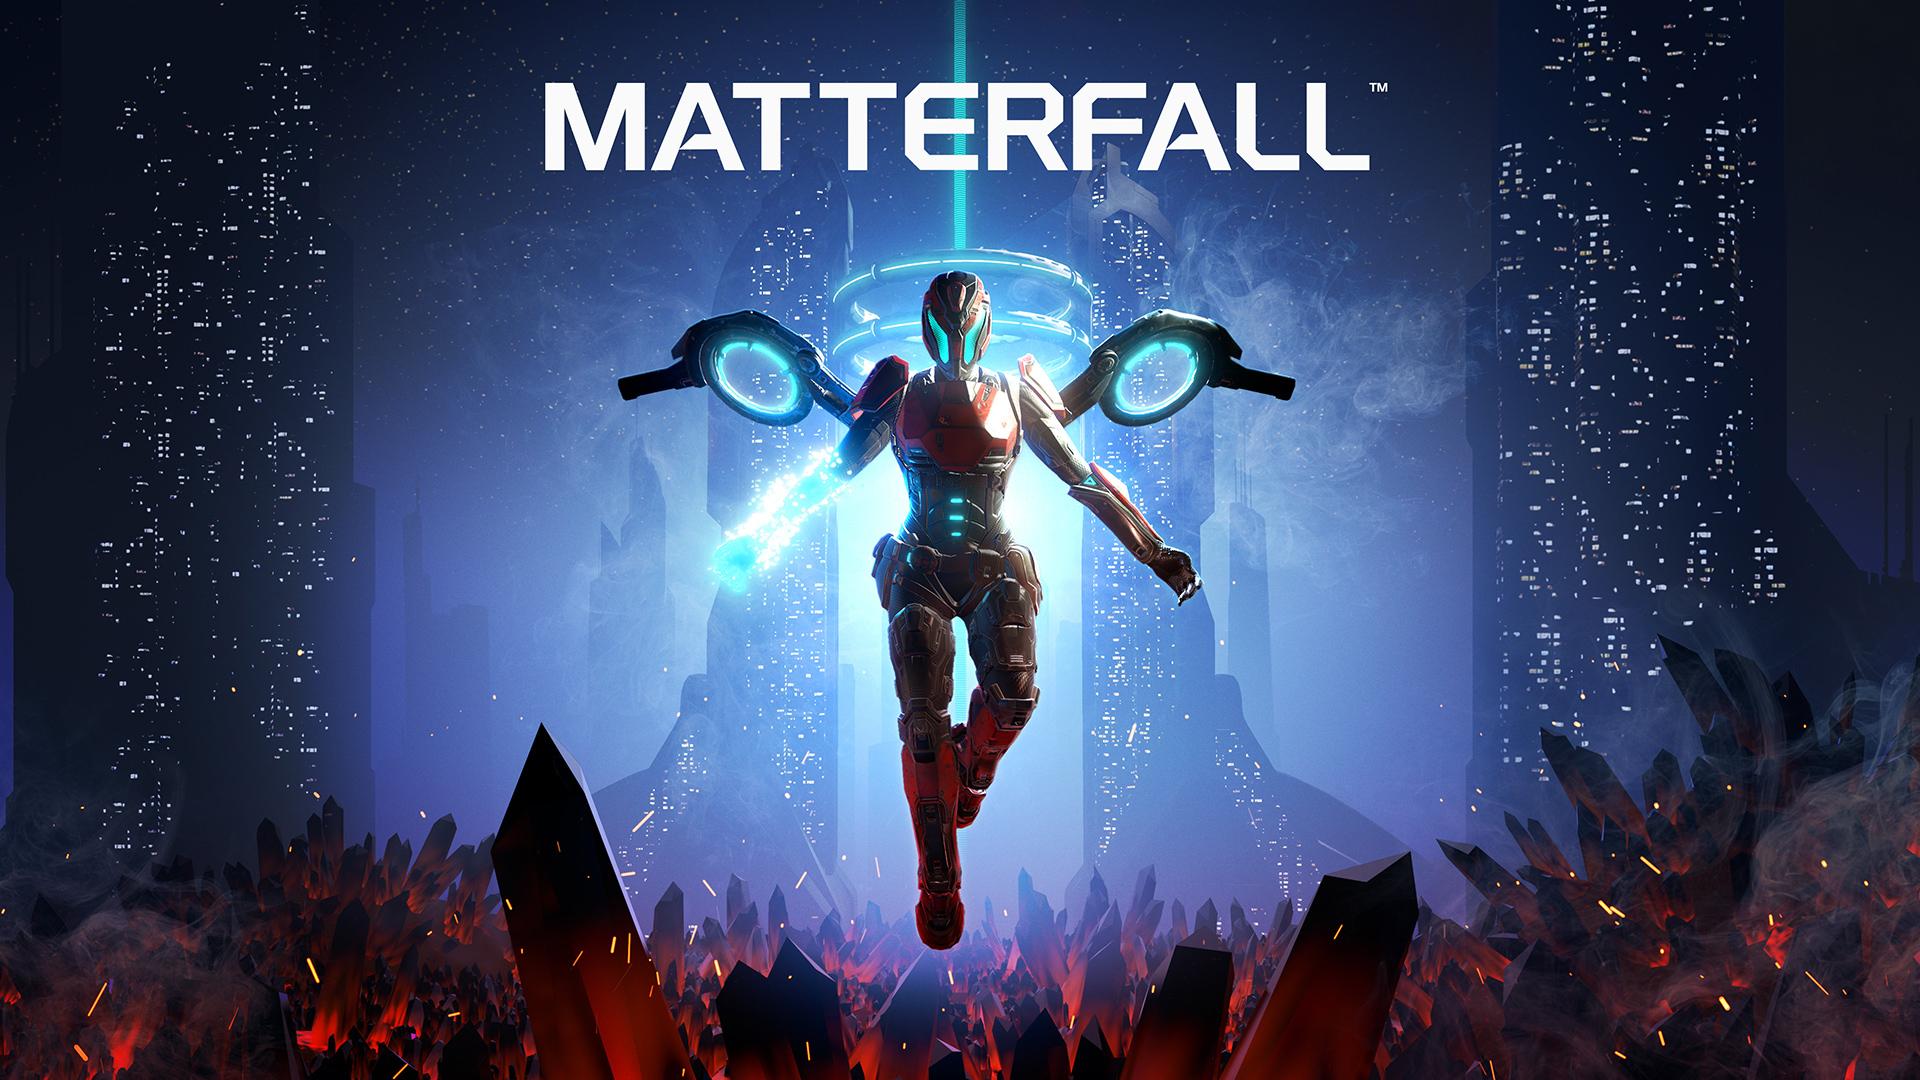 Matterfall key art